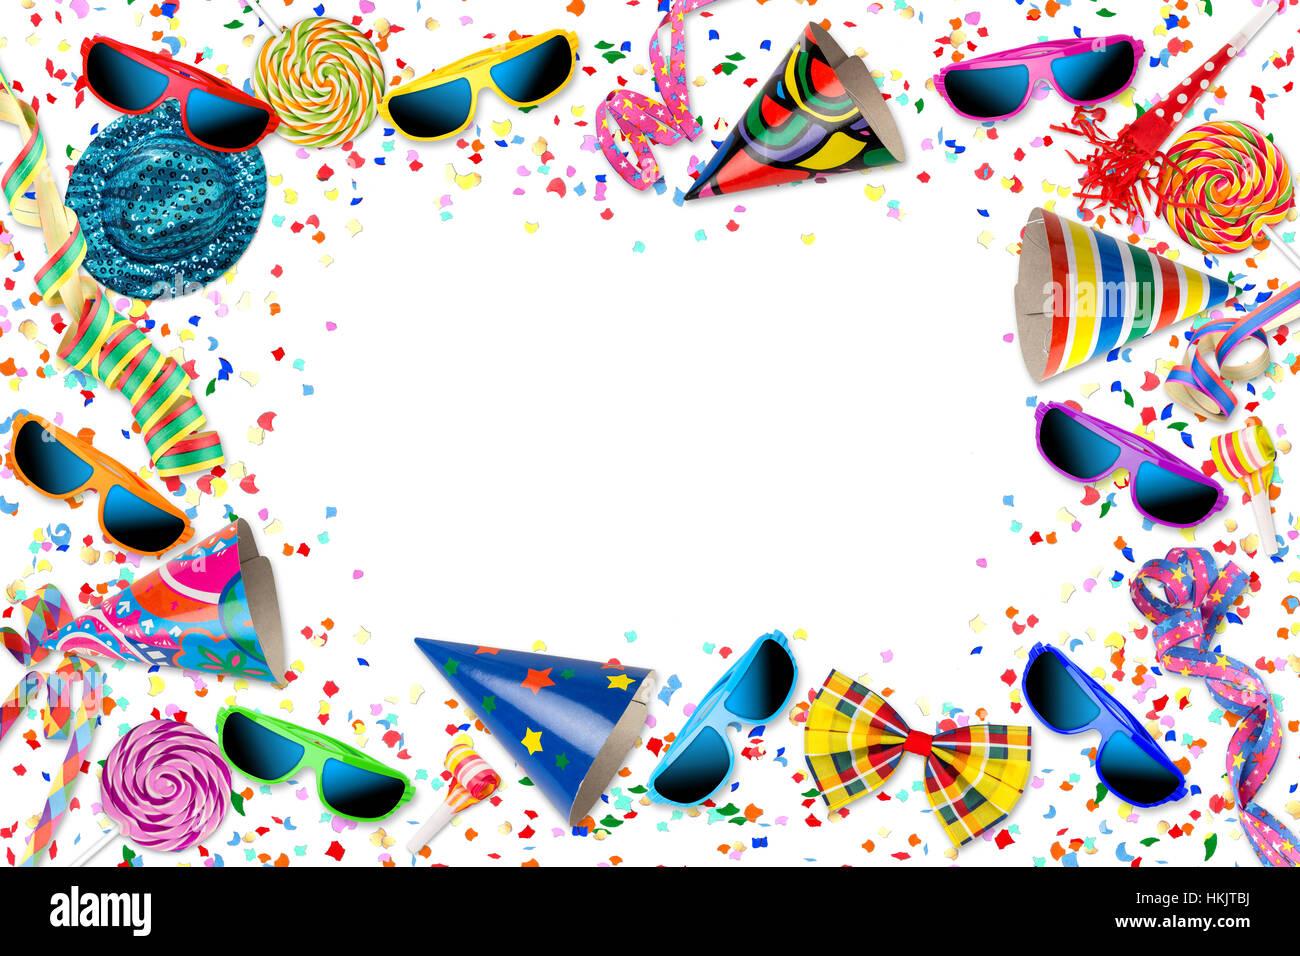 bunte Party Karneval Geburtstag Feier Hintergrund mit bunten Streamer Bonbons Lolly pop Sonnenbrille Konfetti Hut Stockfoto